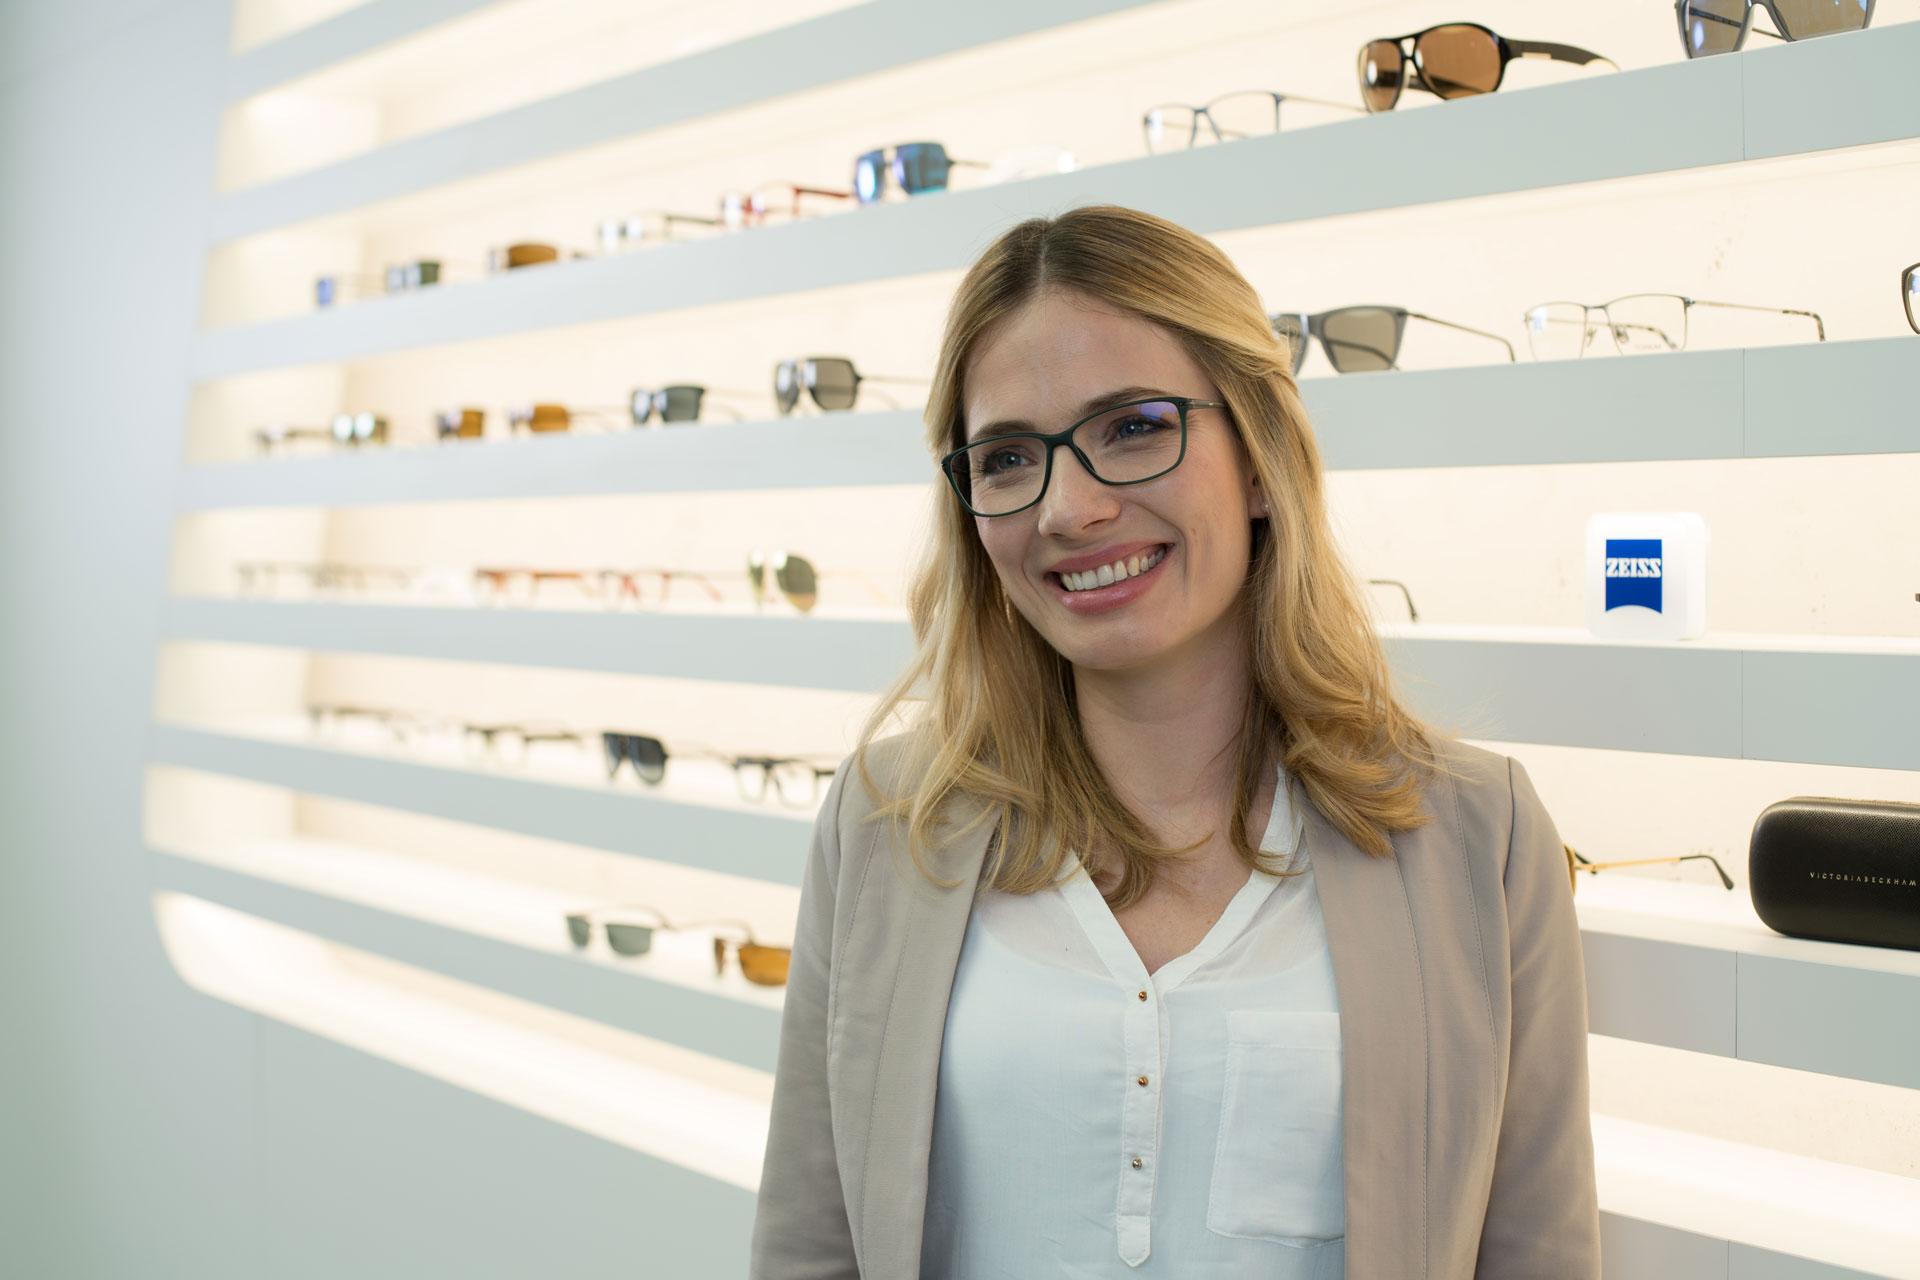 f1170834d Dicas para comprar óculos: como encontrar os óculos certos para você